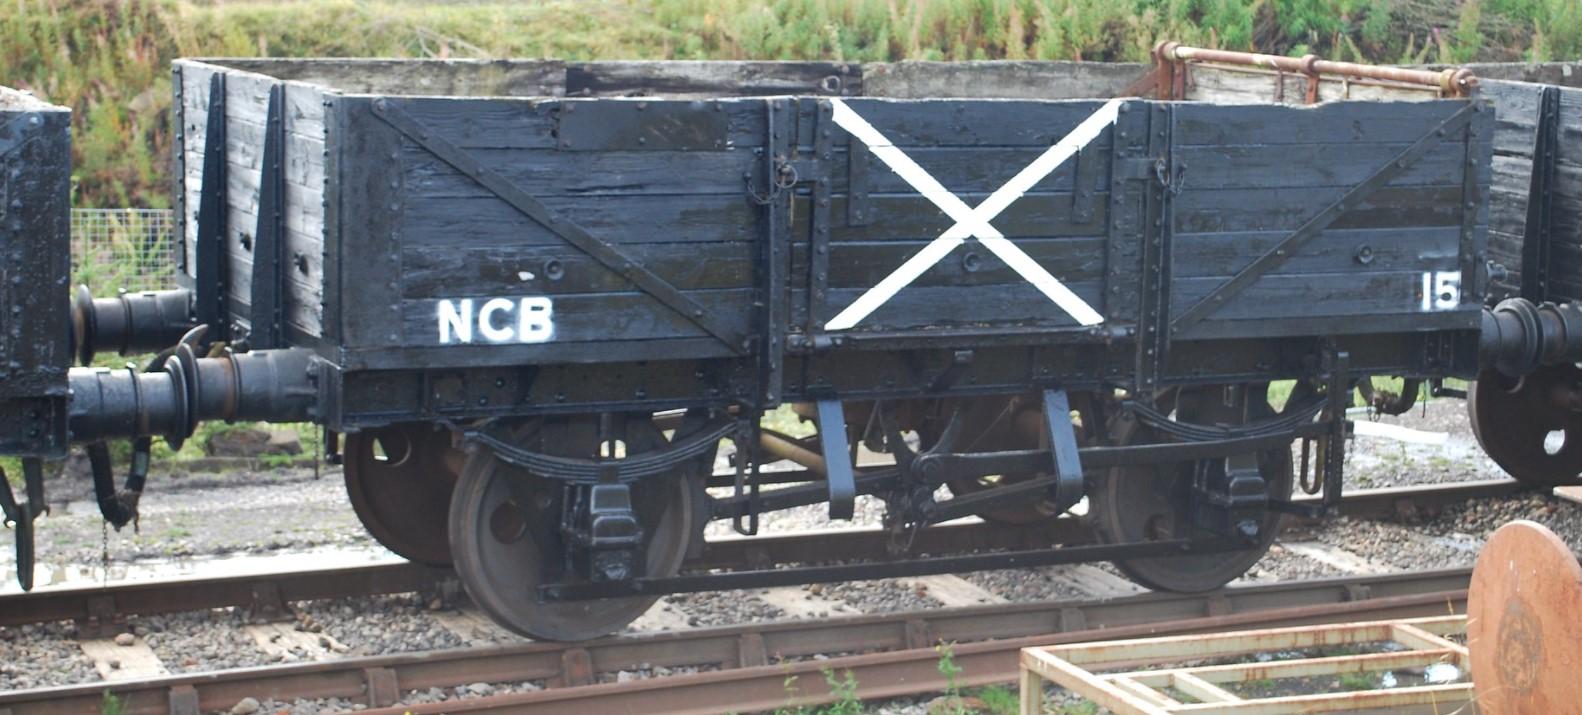 B743415 at Blaenavon on the Pontypool & Blaenavon Railway in September 2011. ©Hugh Llewelyn